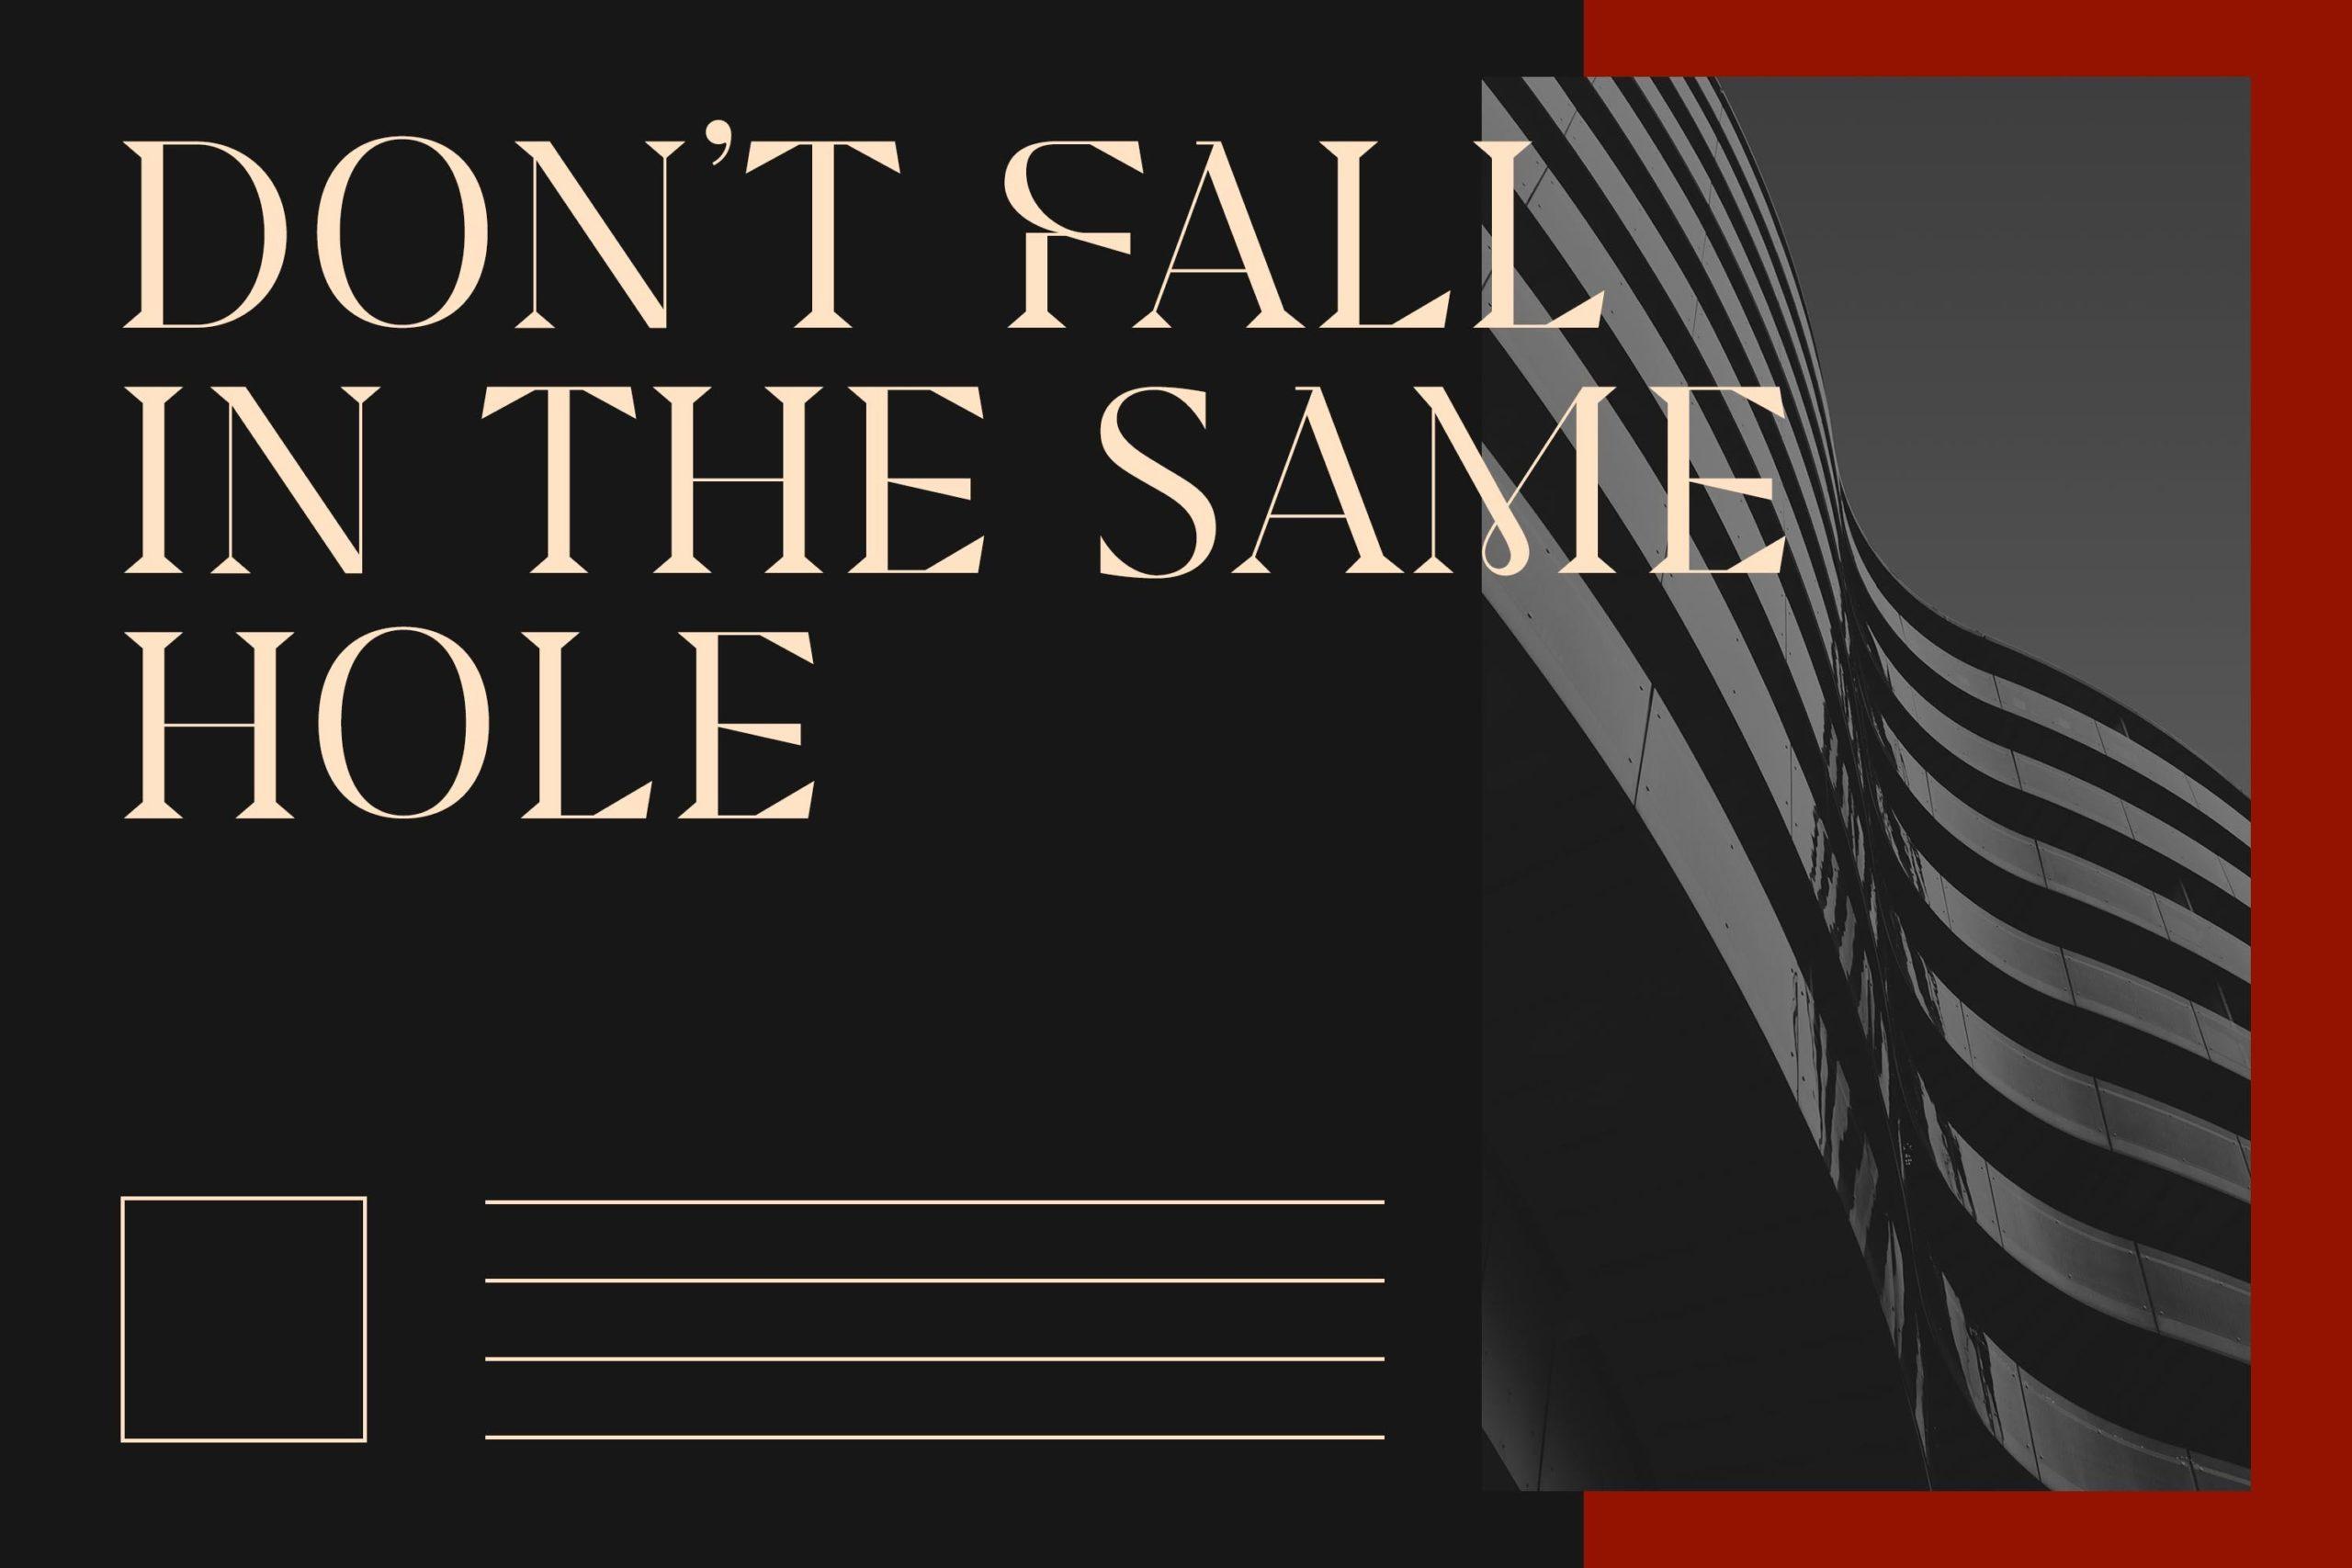 现代极简杂志画册标题徽标Logo设计衬线英文字体素材 Modesfa – Modern Display Serif插图7